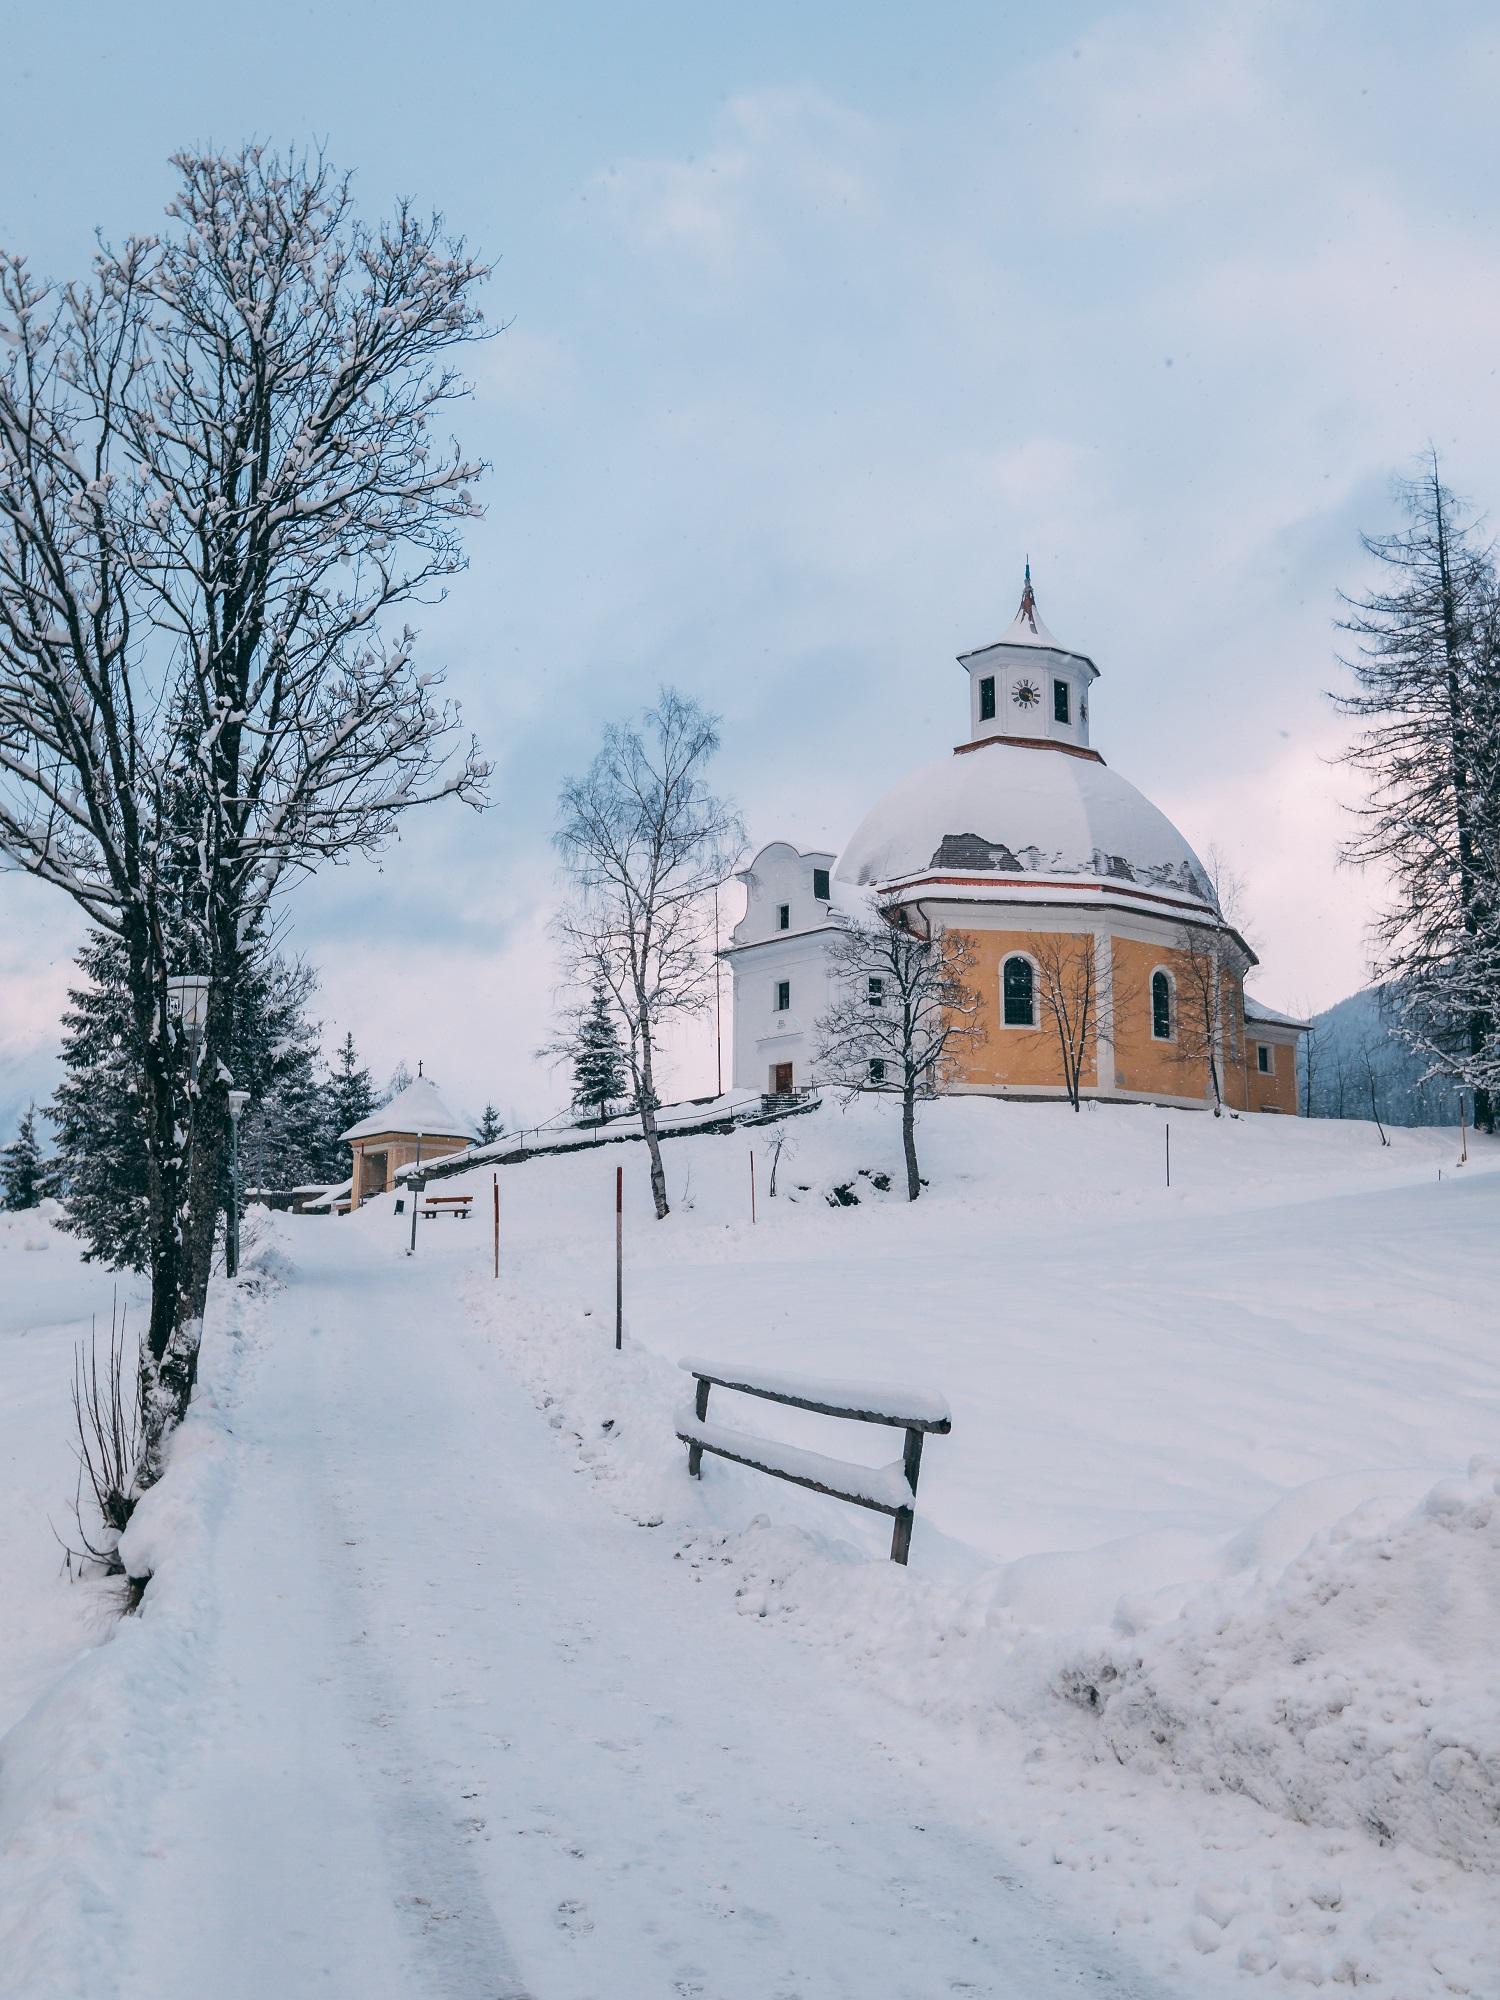 Wahlfahrtskirche in Böckstein